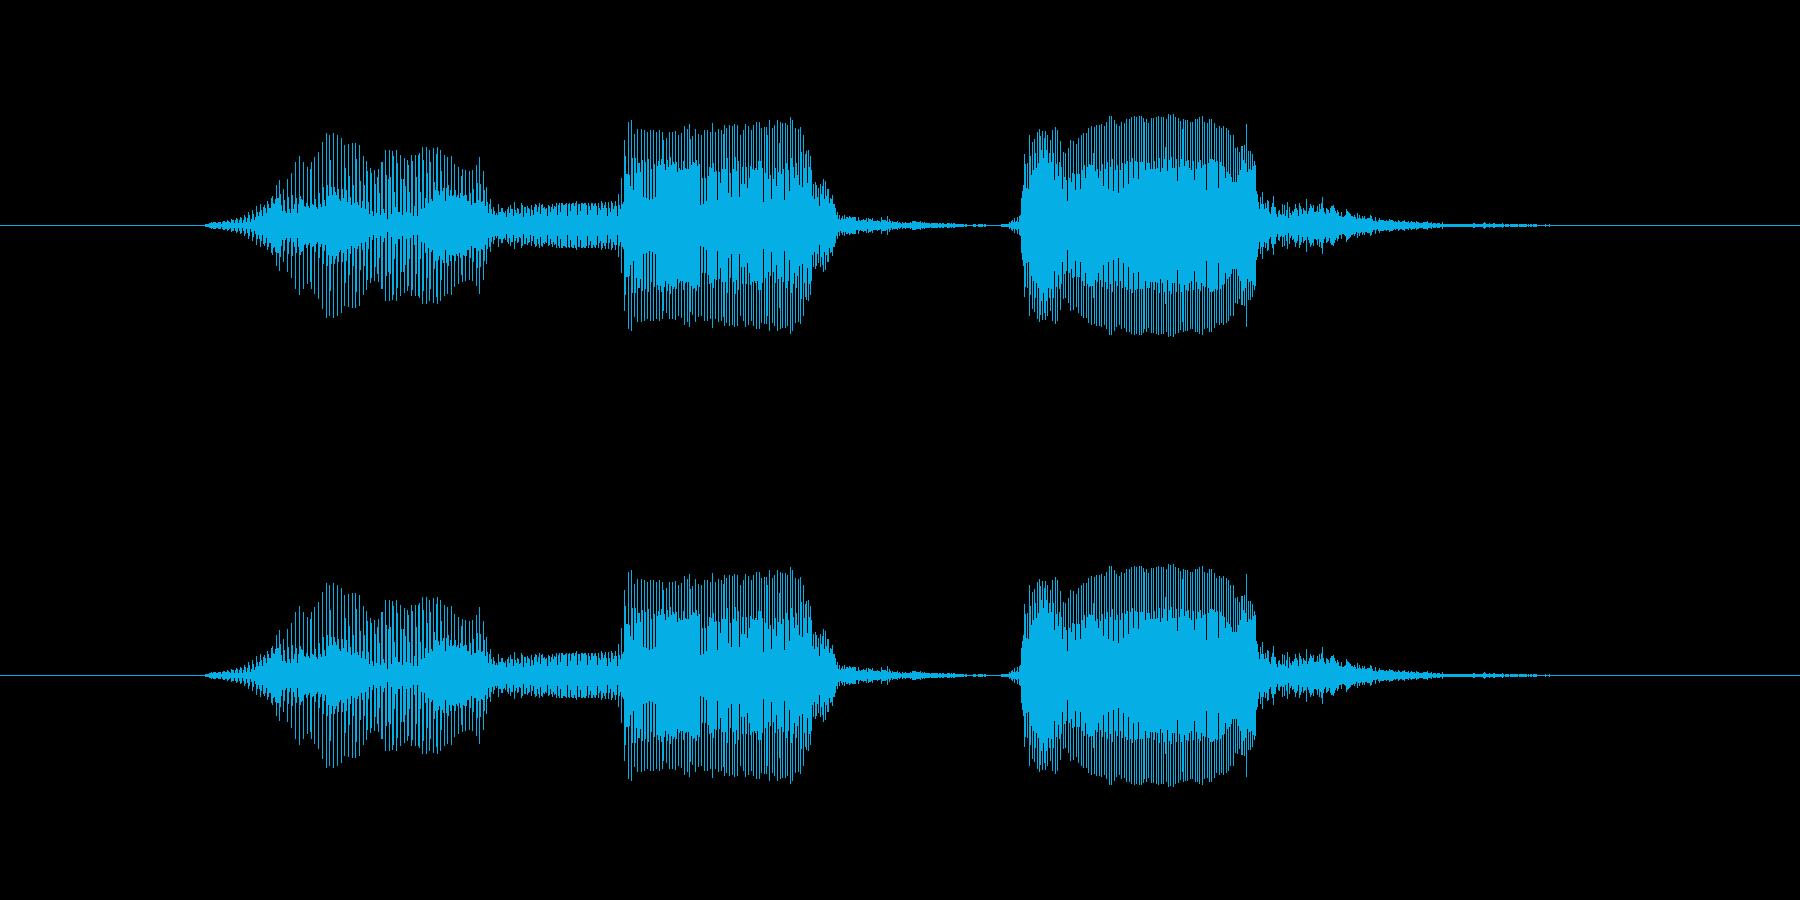 「やめて!」子供の声の再生済みの波形